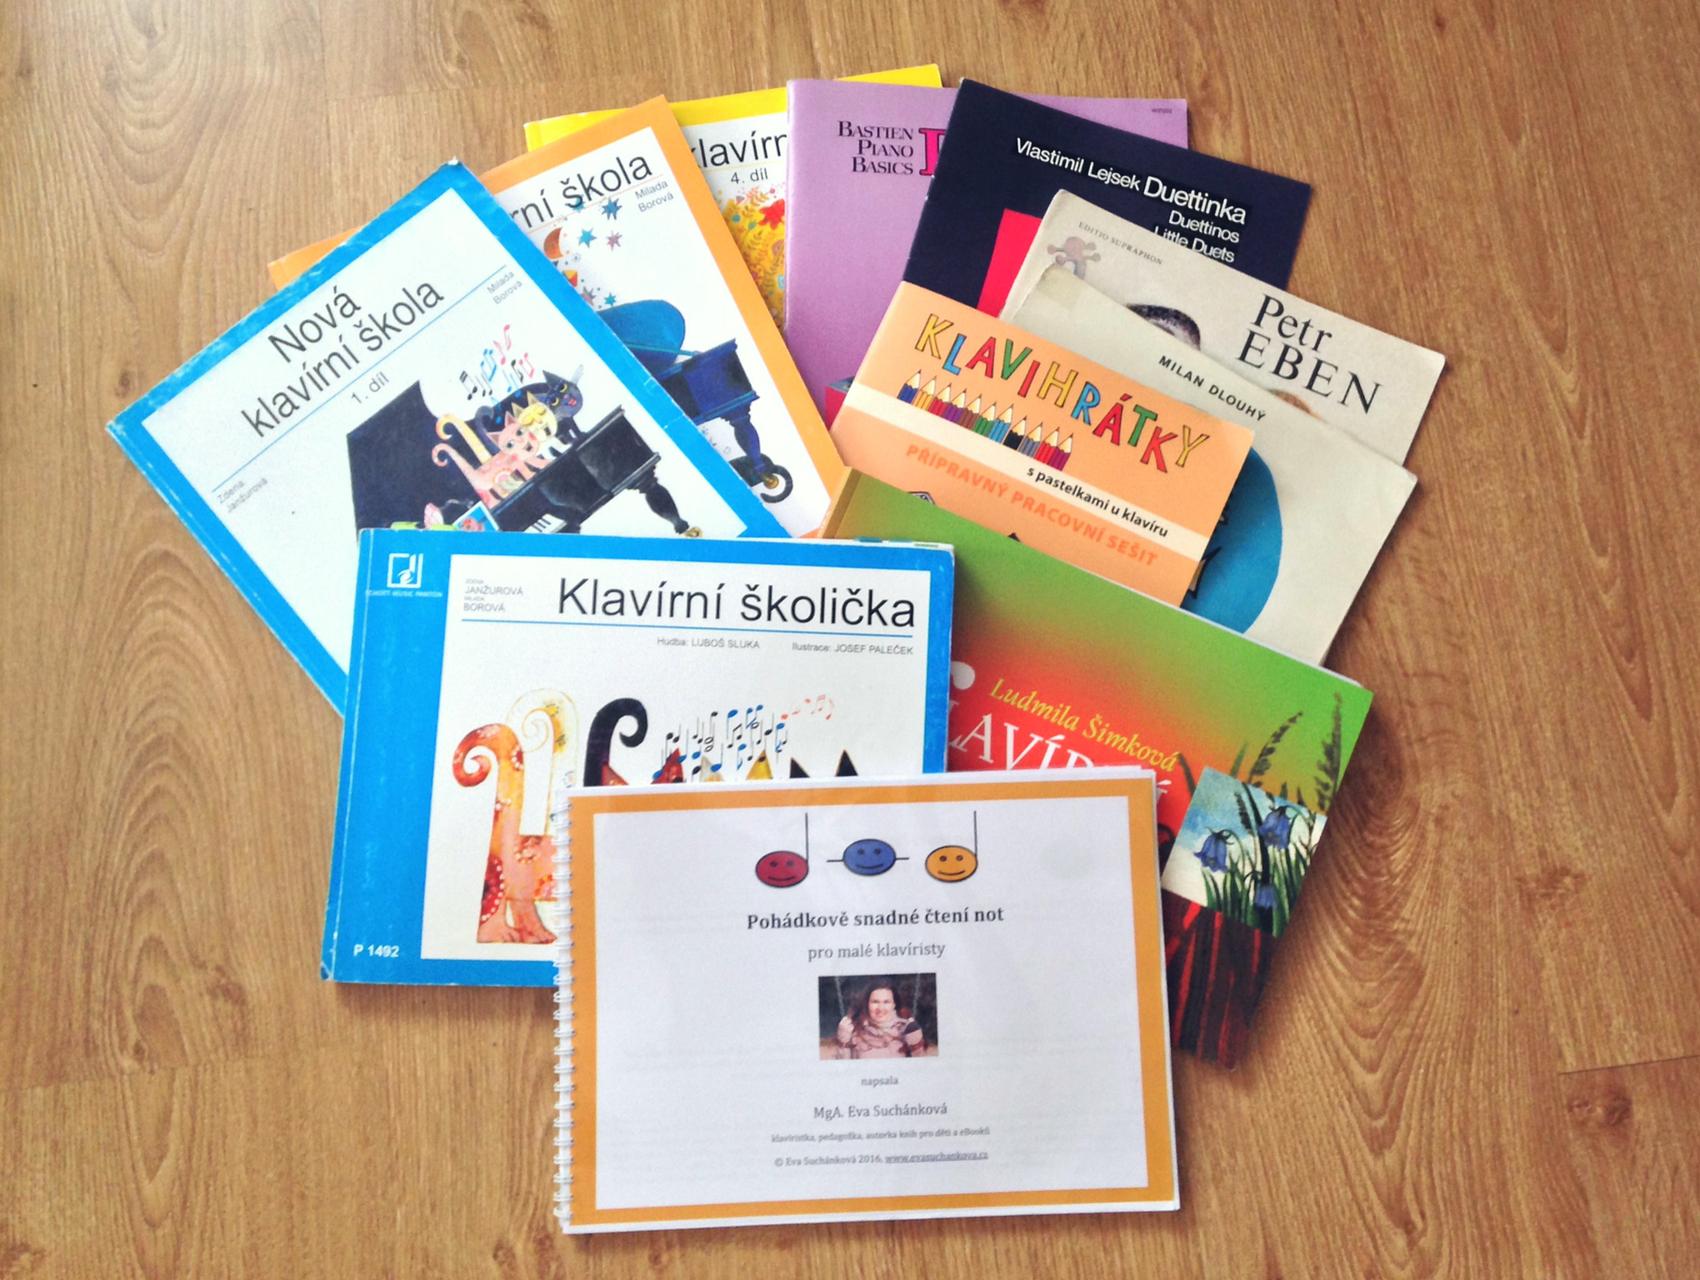 klavírní školy a materiály, které používám ve výuce dětí na klavír